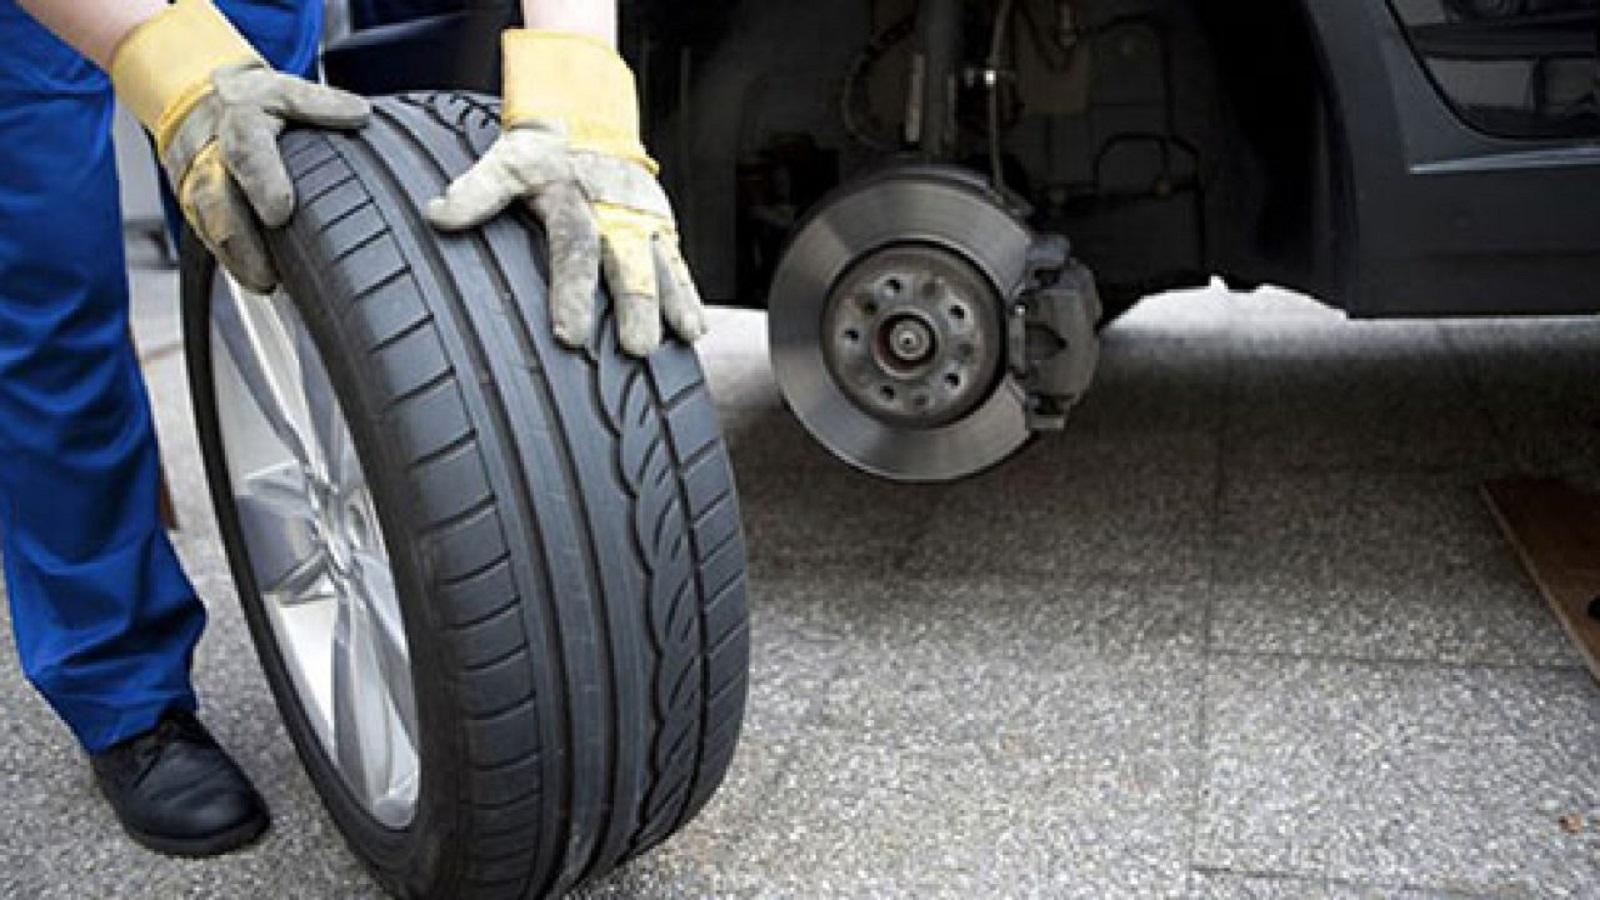 Lốp xe ô tô dự phòng nhỏ hơn lốp chính, vì sao? Ảnh 1